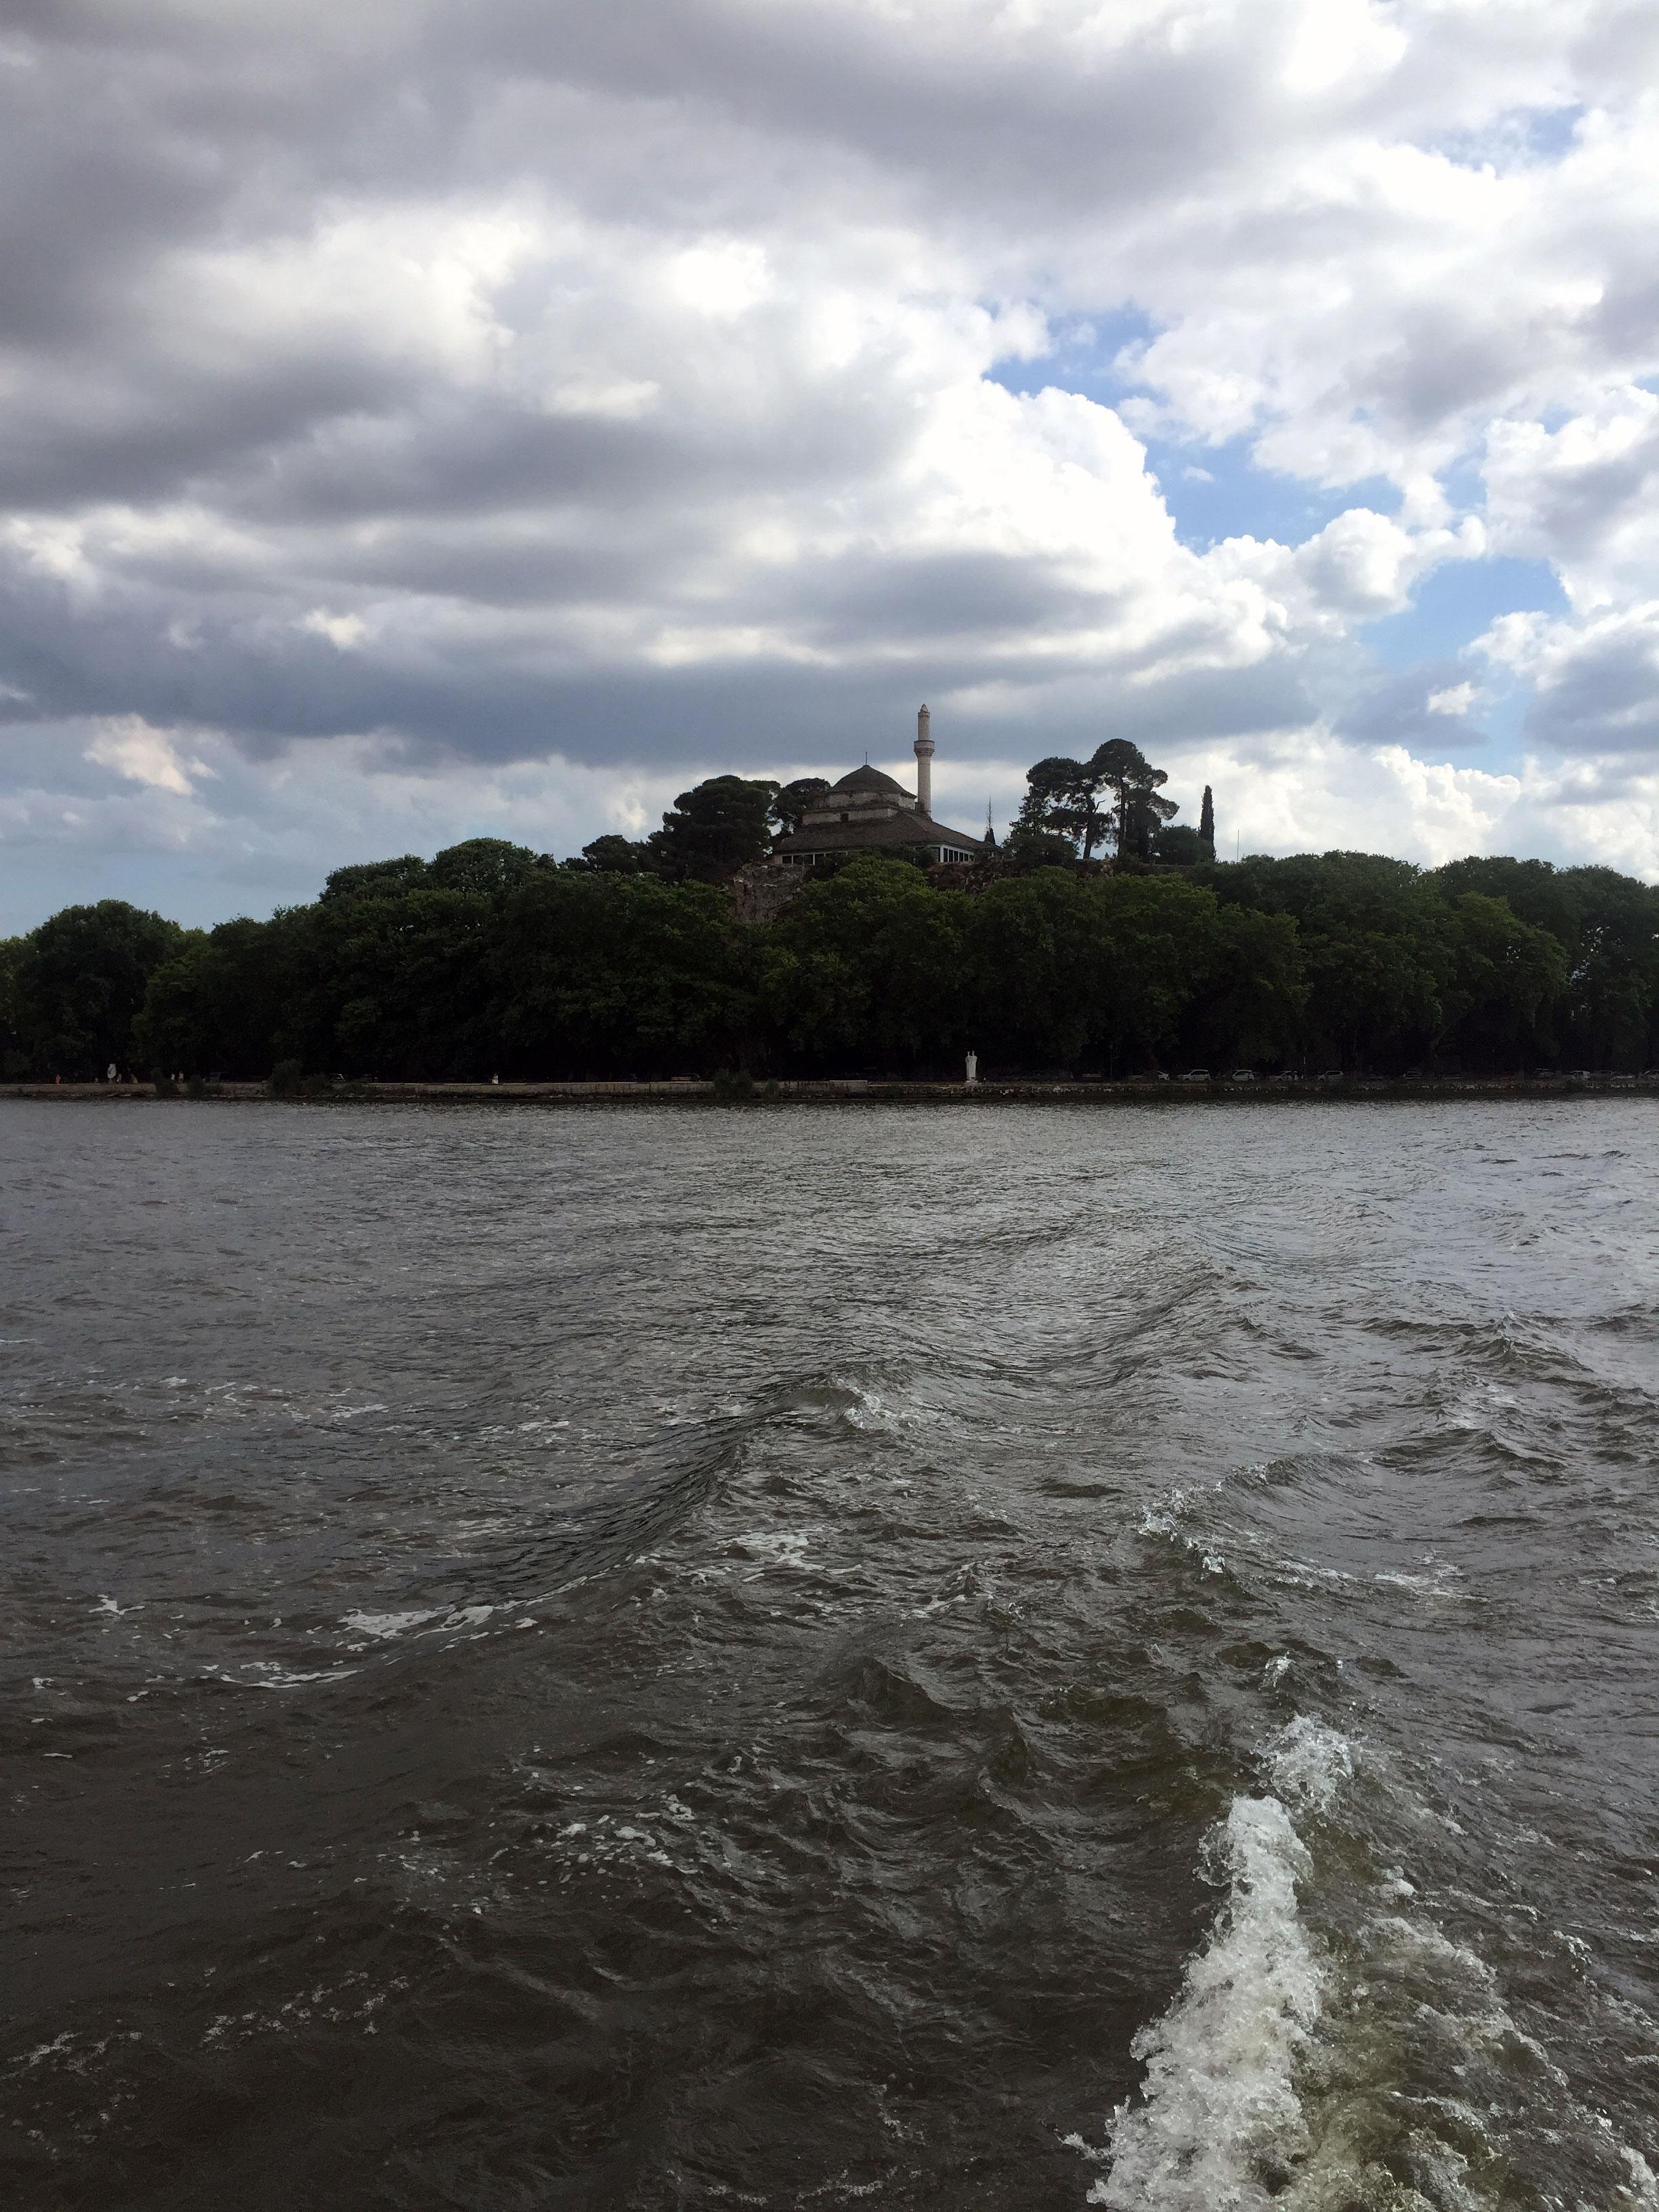 Το Φετιχιέ Τζαμί όπως φαίνεται από το πλοίο πηγαίνοντας στο νησάκι